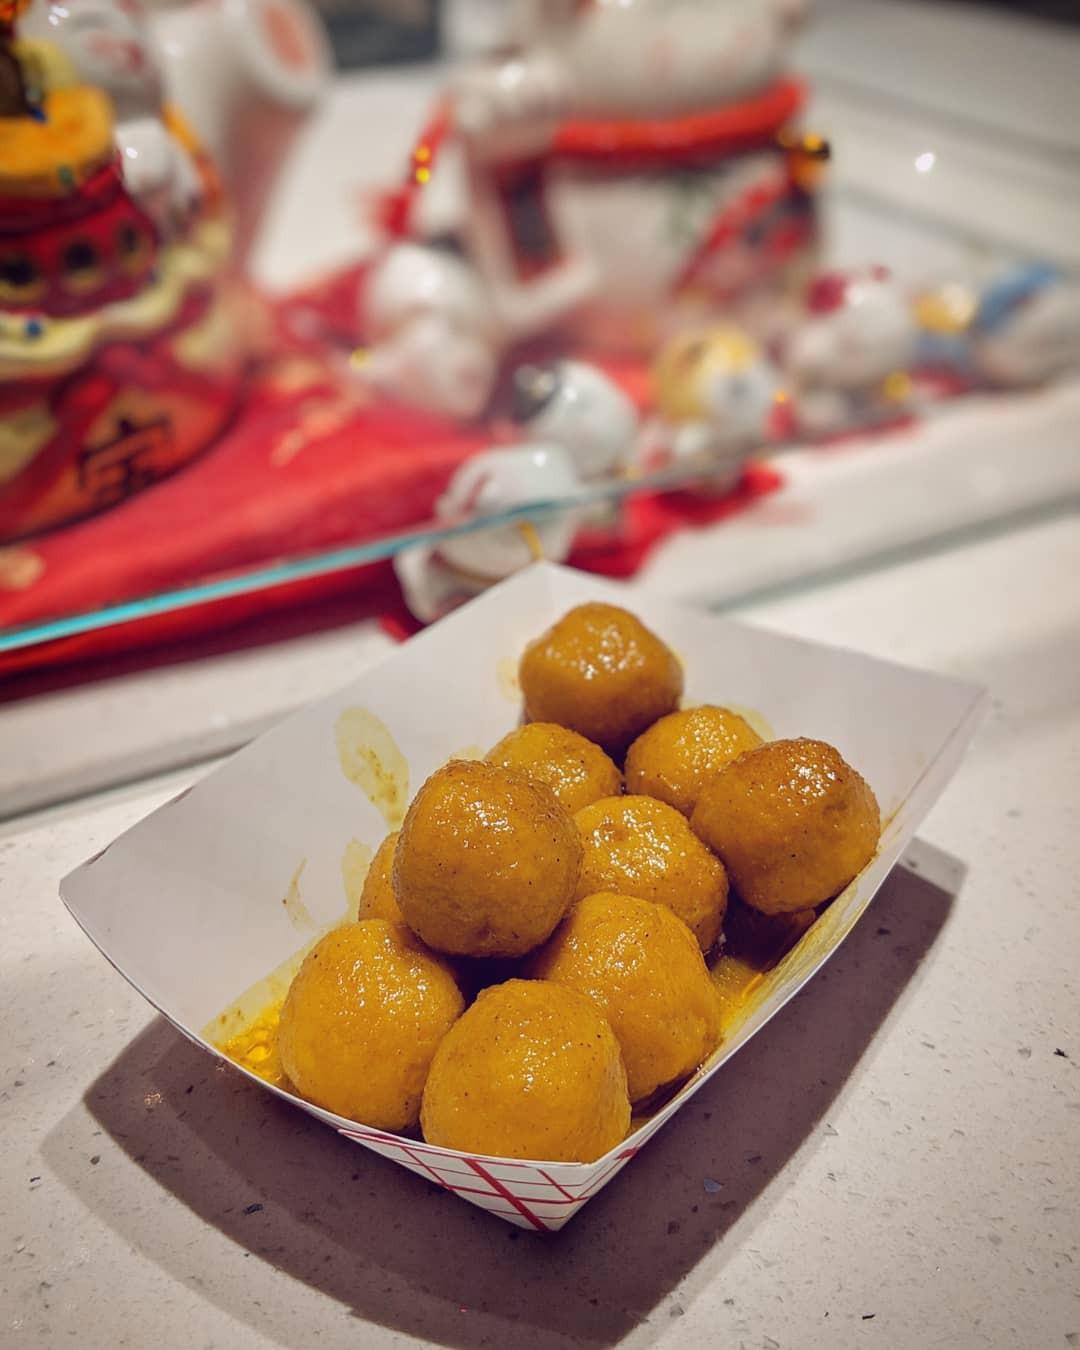 Nằm lòng 7 món ăn vặt siêu hấp dẫn cho team du lịch quét sập Hong Kong - Ảnh 17.